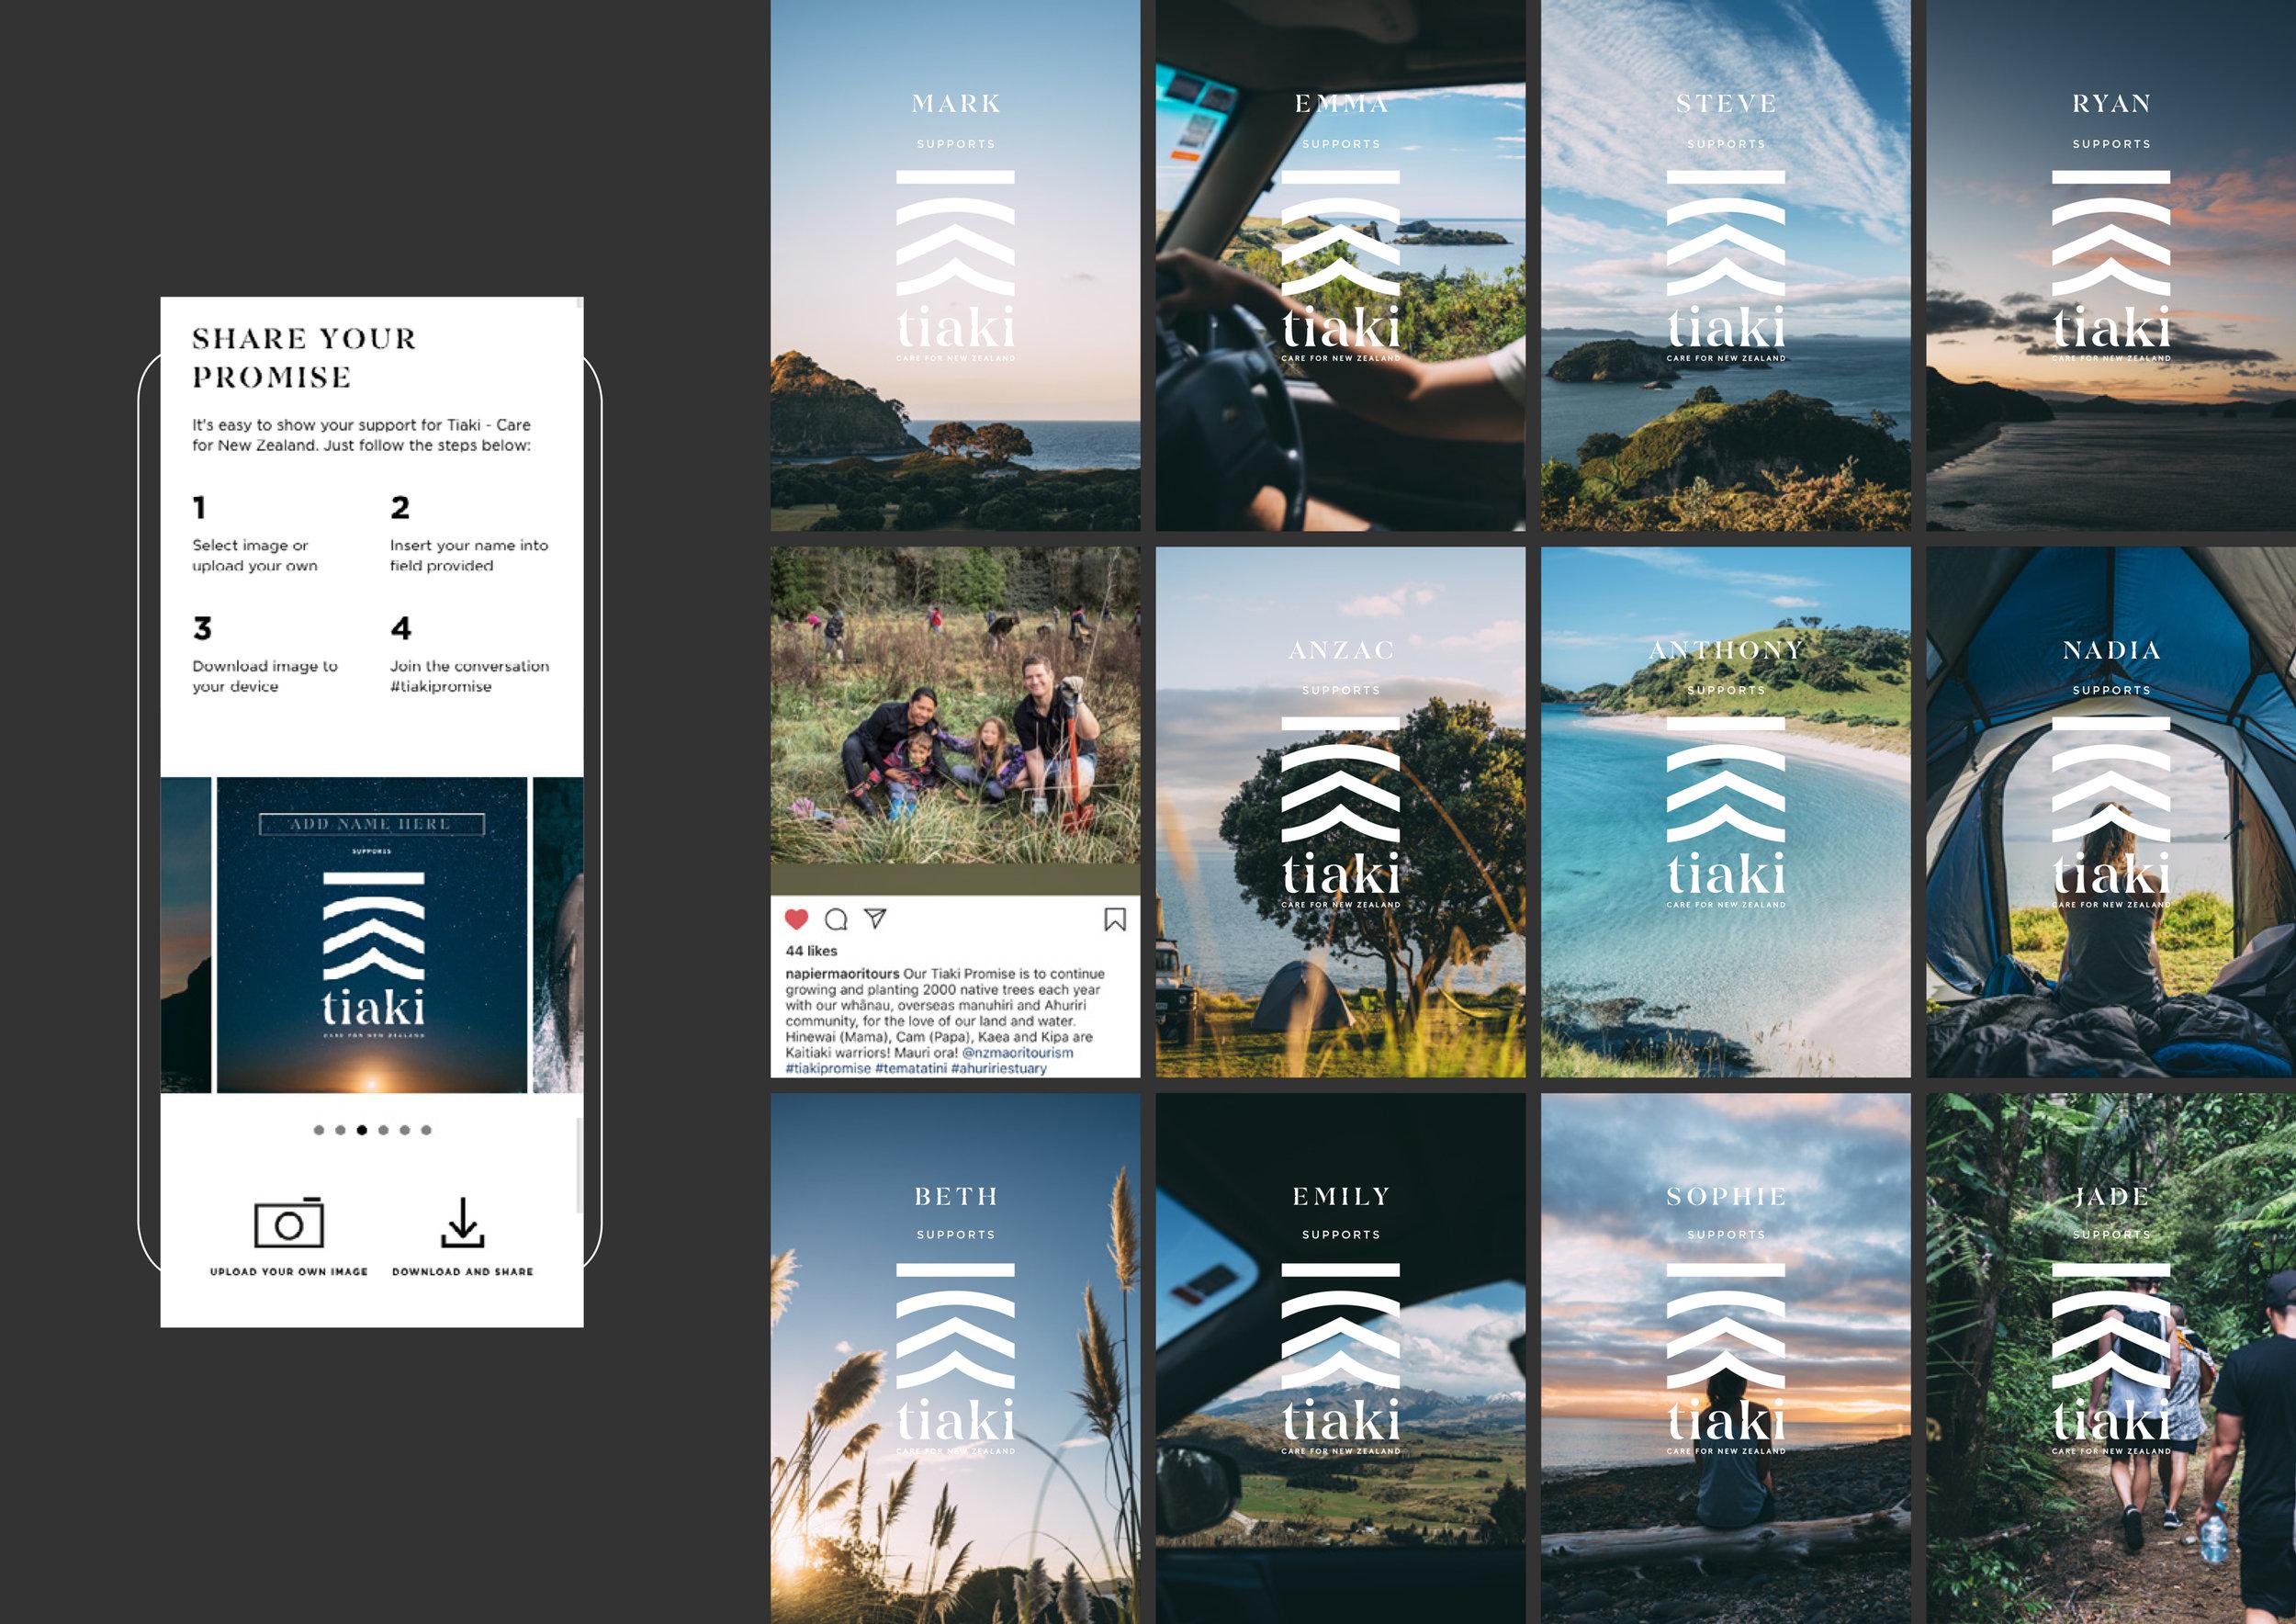 Tiaki-Promise-Design-Works-Lola-Photography-9.jpg